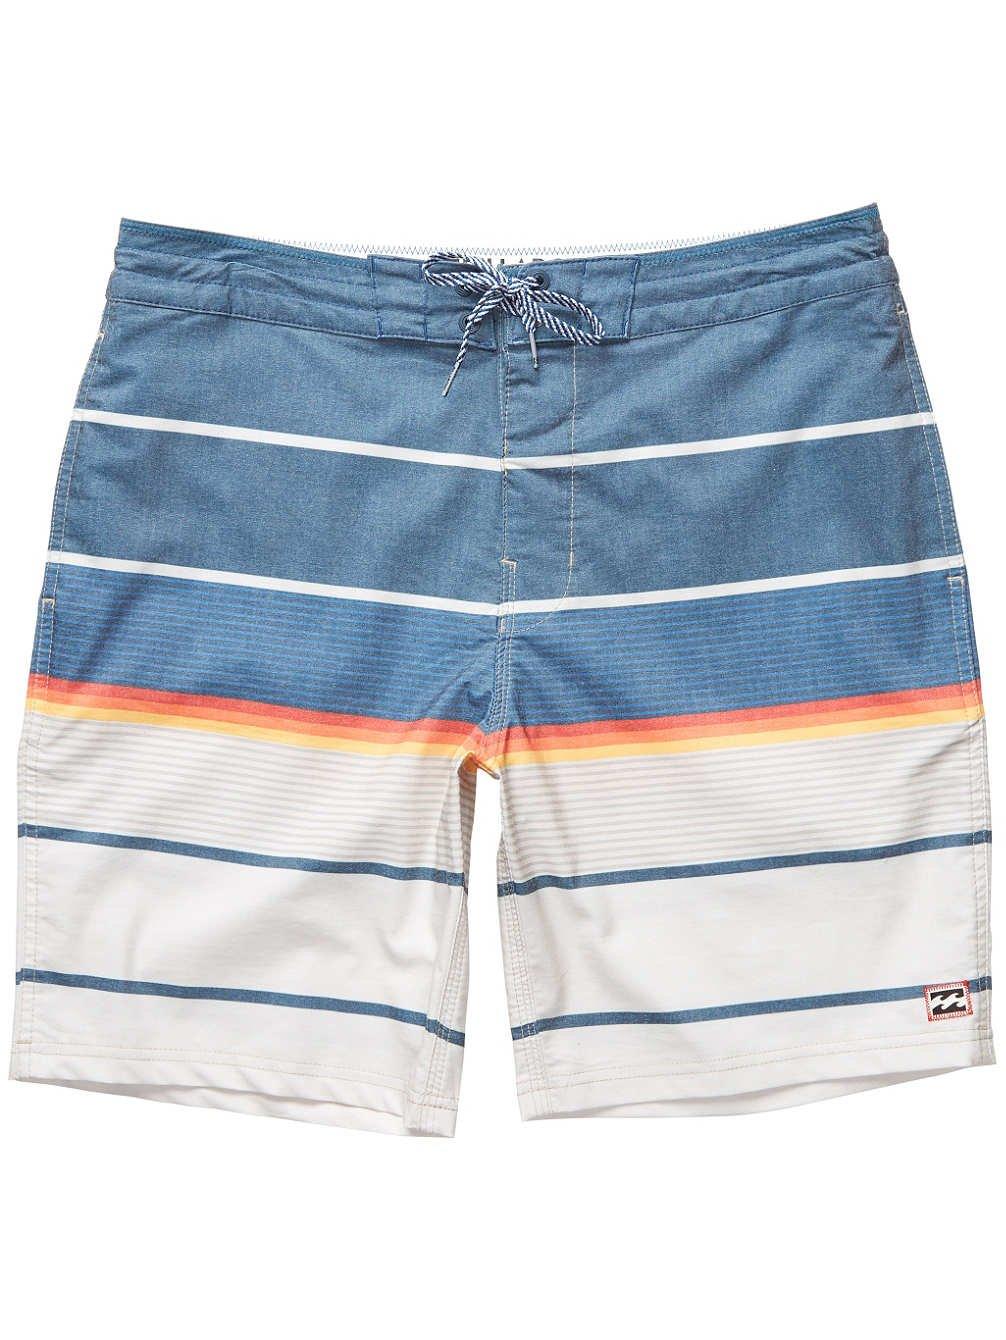 BILLABONG Herren Spinner Lt 18 Shorts